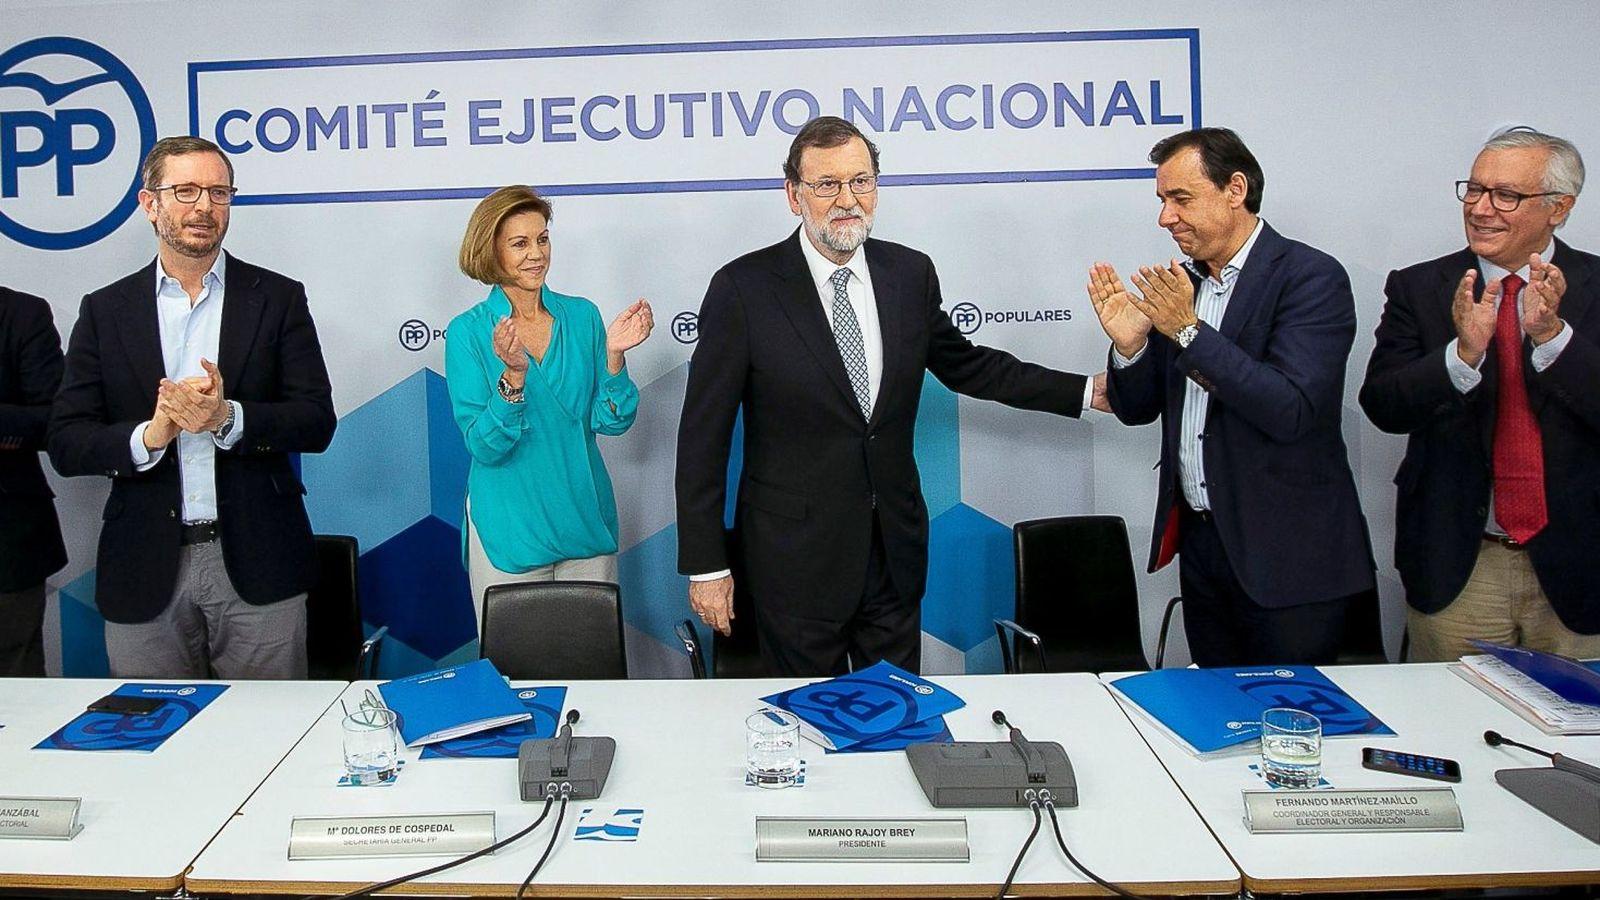 Foto: Mariano Rajoy (c) es aplaudido por sus compañeros tras anunciar, ante el comité ejecutivo nacional del partido, que dejará la presidencia de la formación. (EFE)